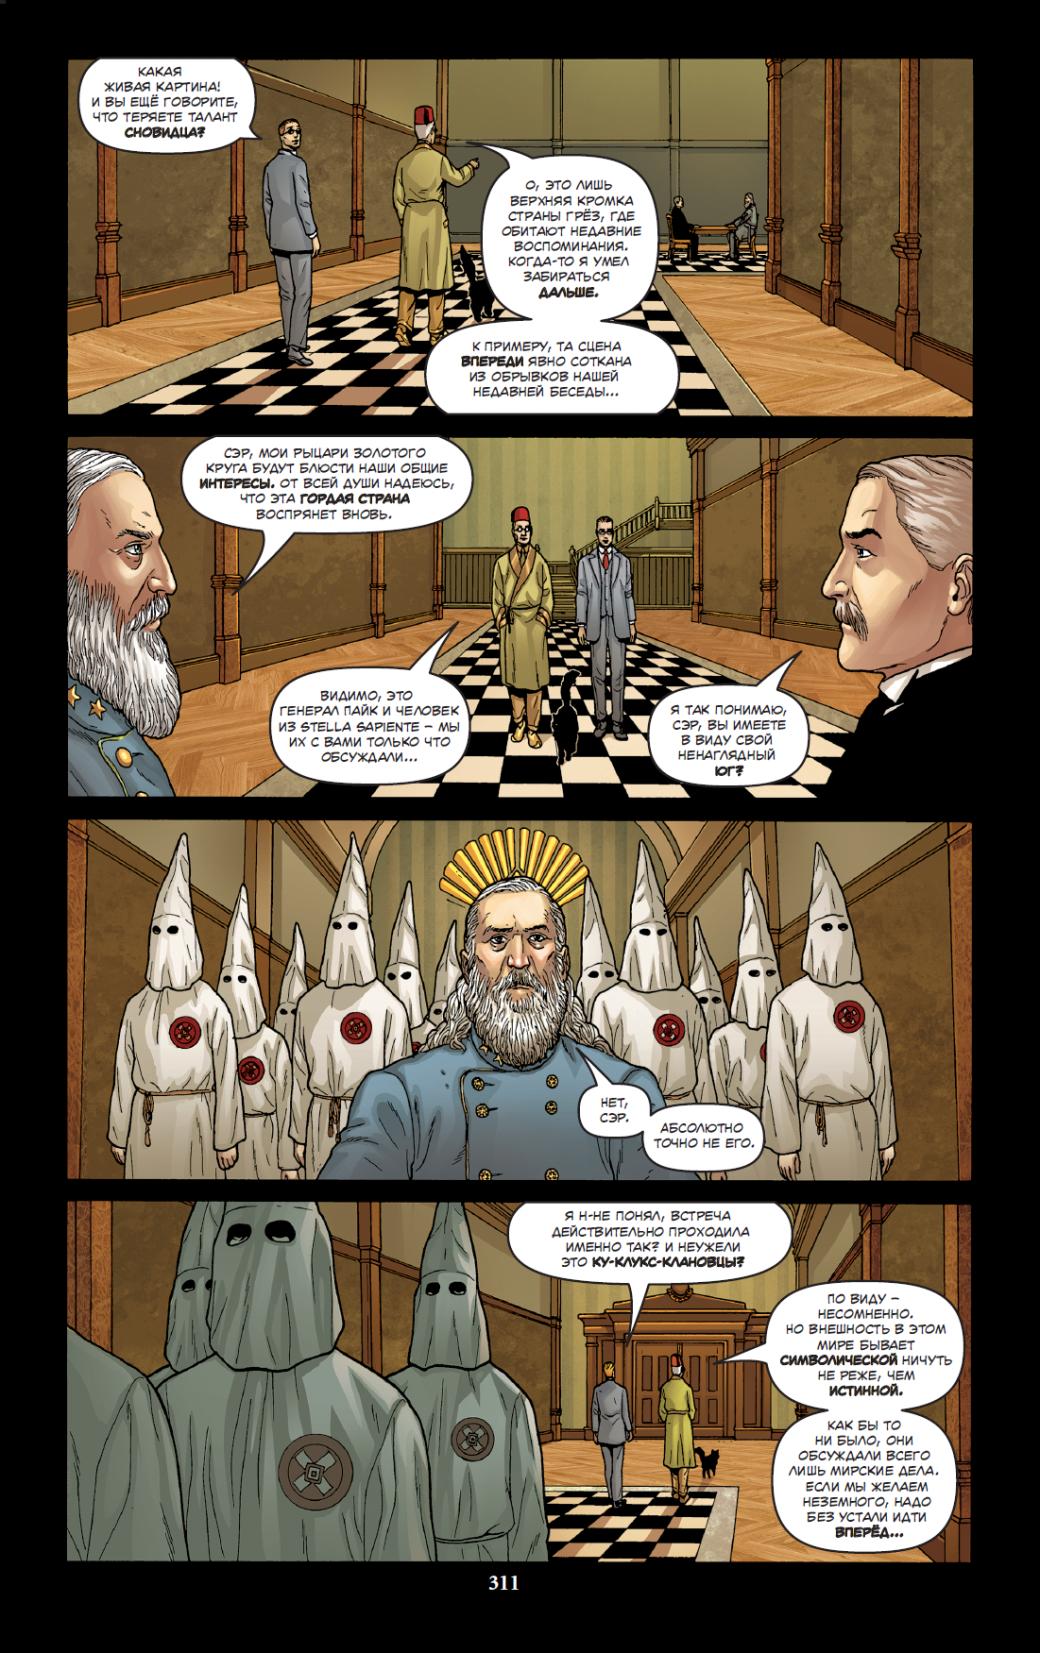 Читаем. Отрывок из«Провиденса» Алана Мура— хвалебной оды творчеству Лавкрафта